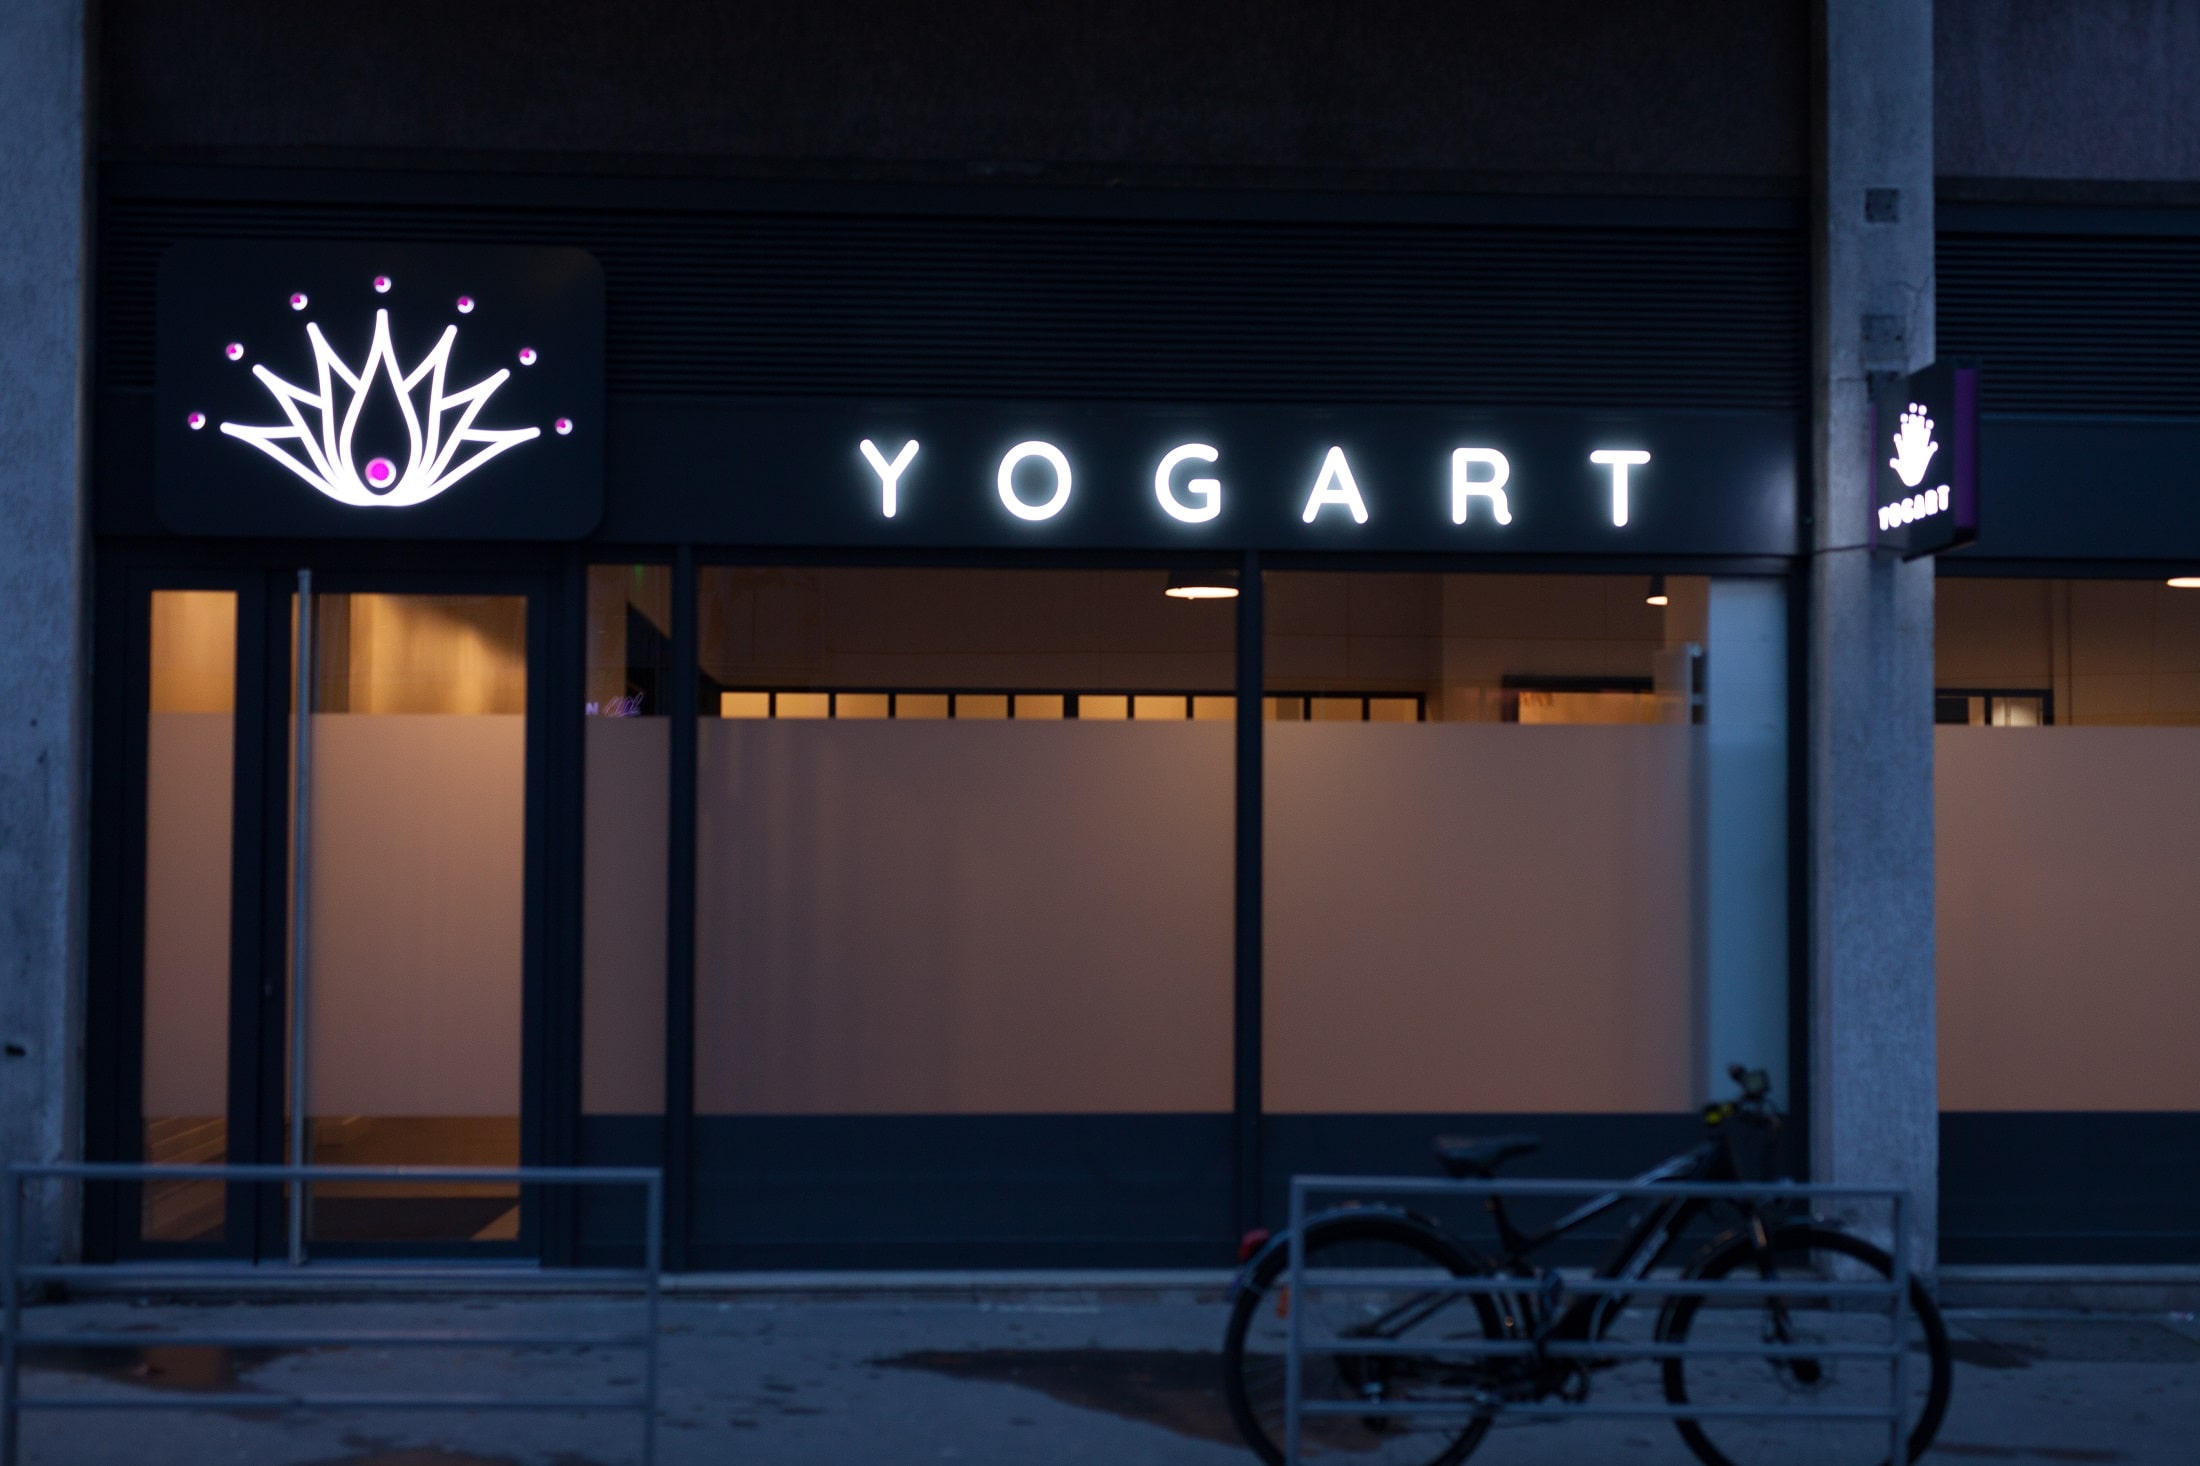 Le De Yoga Studio Cours À Rouen Yogart 8nPkN0wXO